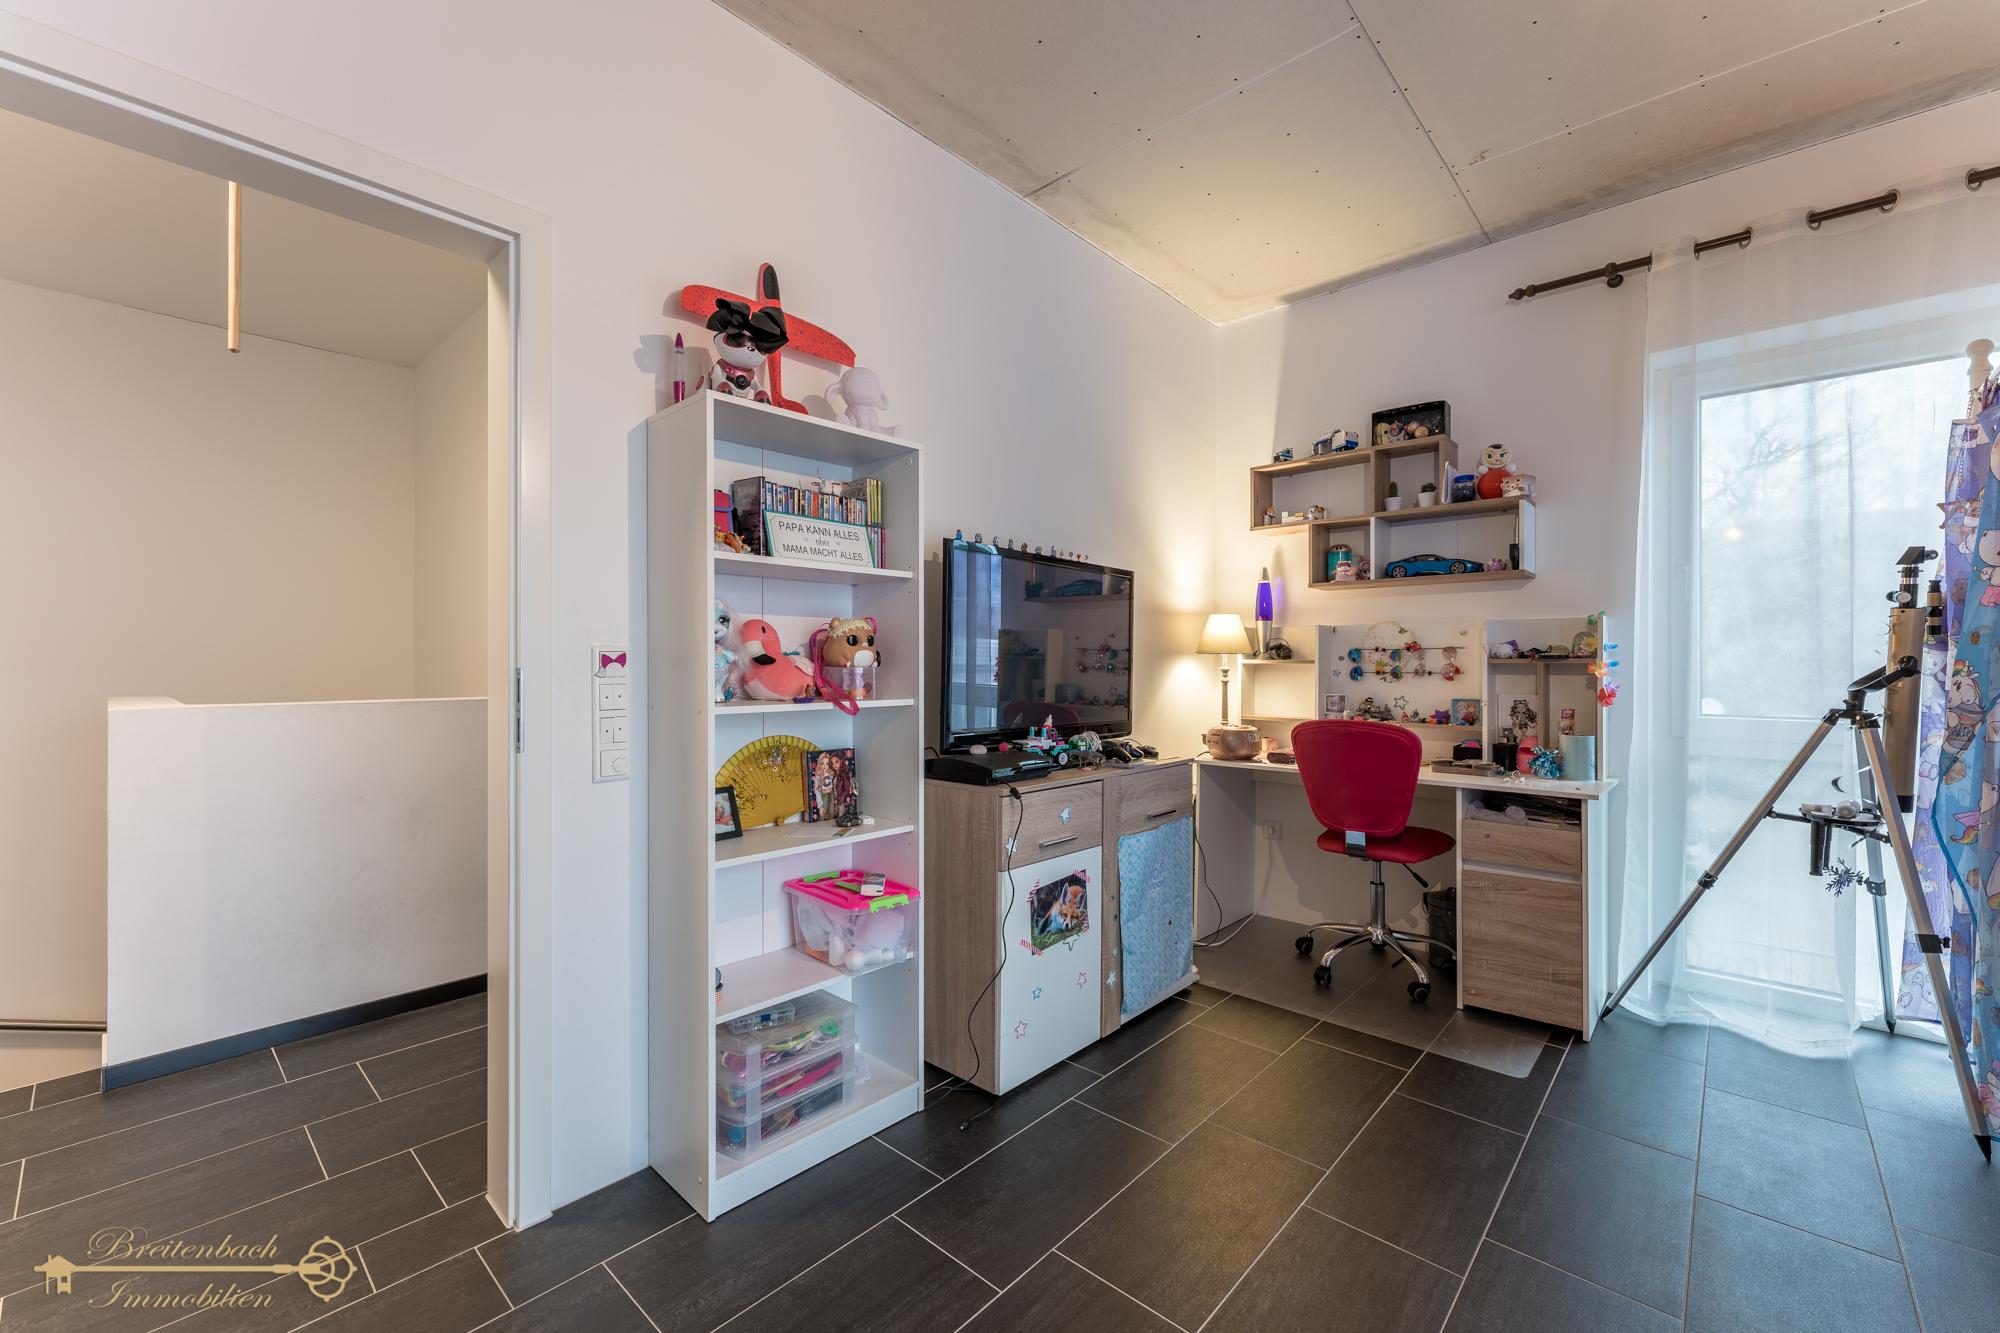 2021-01-24-Breitenbach-Immobilien-10